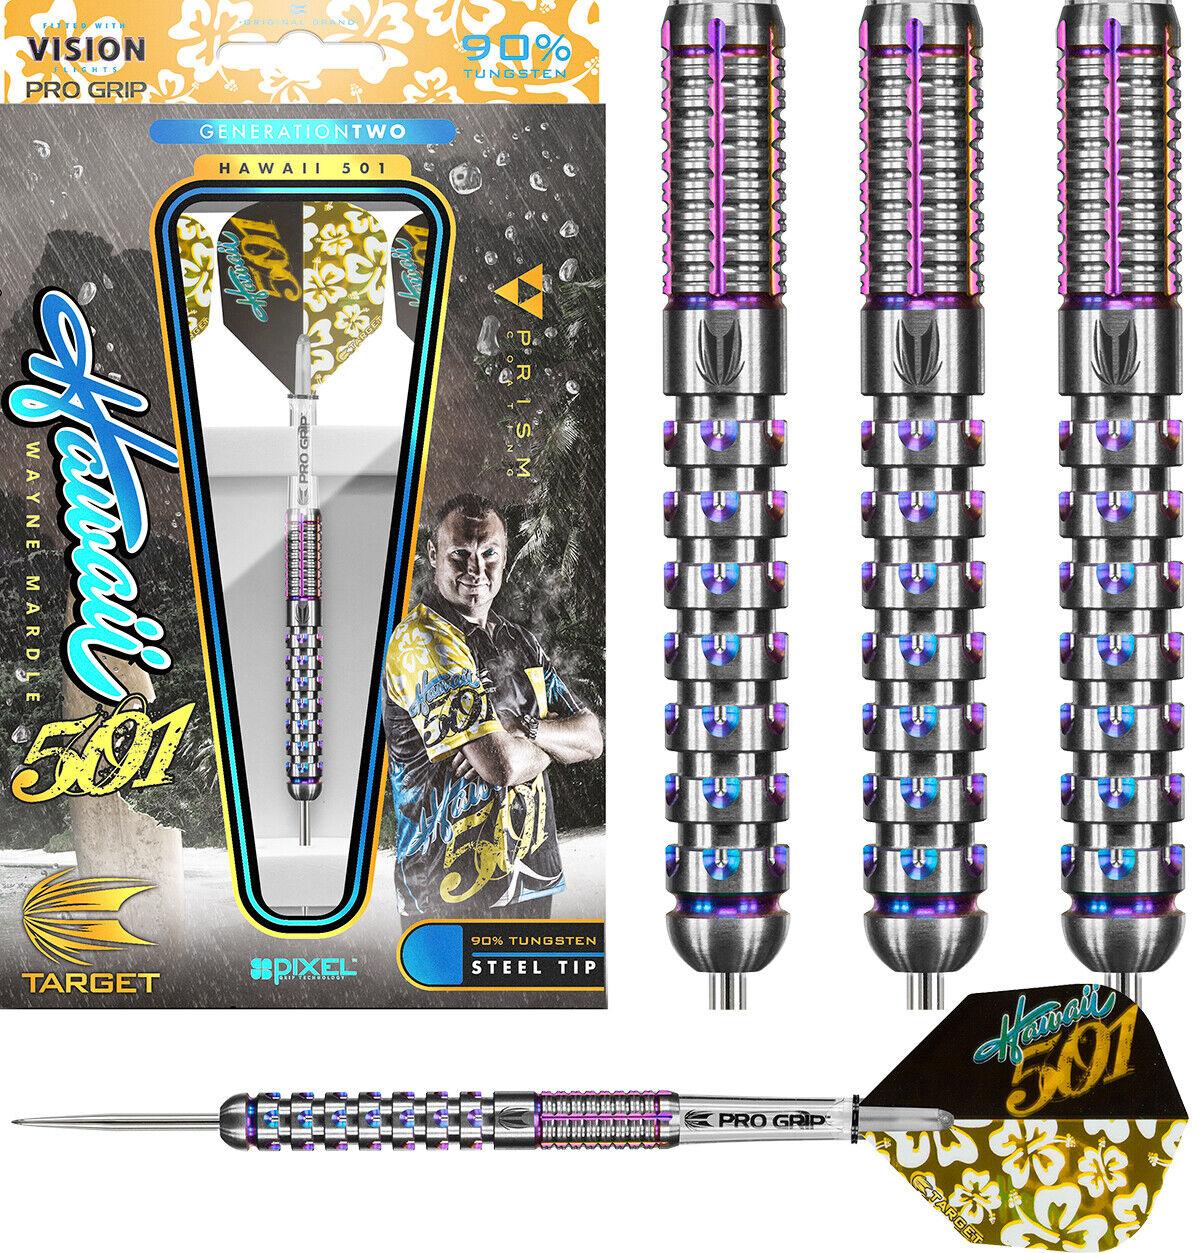 Target Wayne Mardle Hawaii 501 Gen 2 Pixel Grip Darts - 90% Tungsten FREE UK P&P